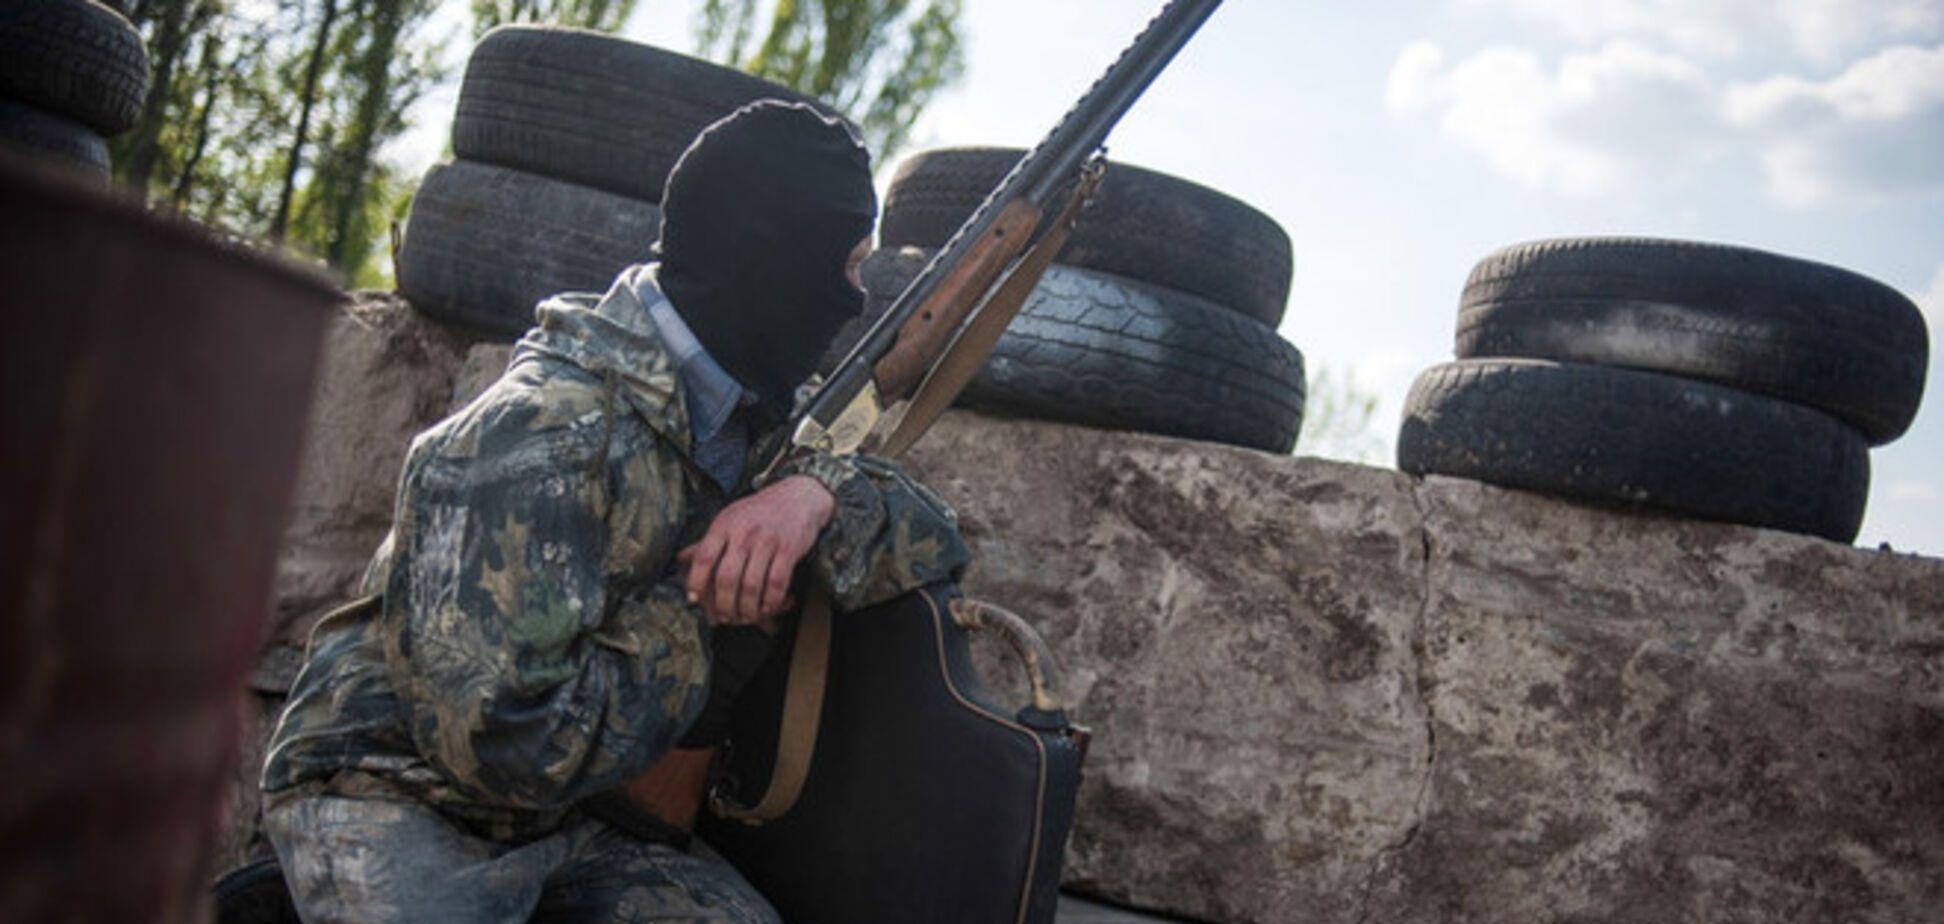 Терористи в Слов'янську хочуть зімітувати 'звірства' українських силовиків - Тимчук